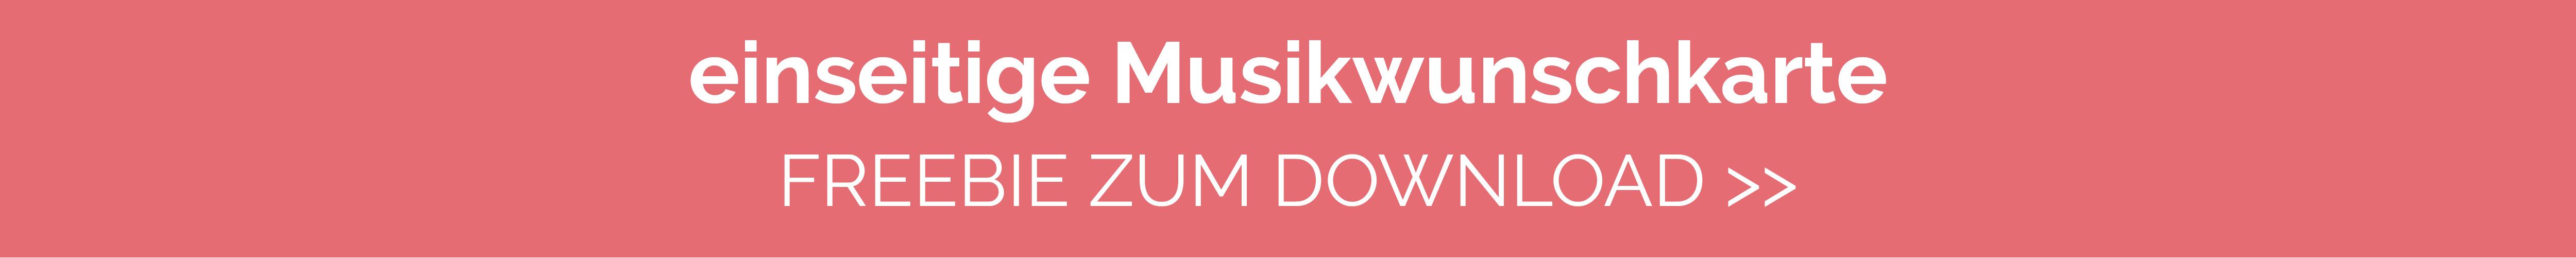 Hochzeit Musik - Downloadbutton 3